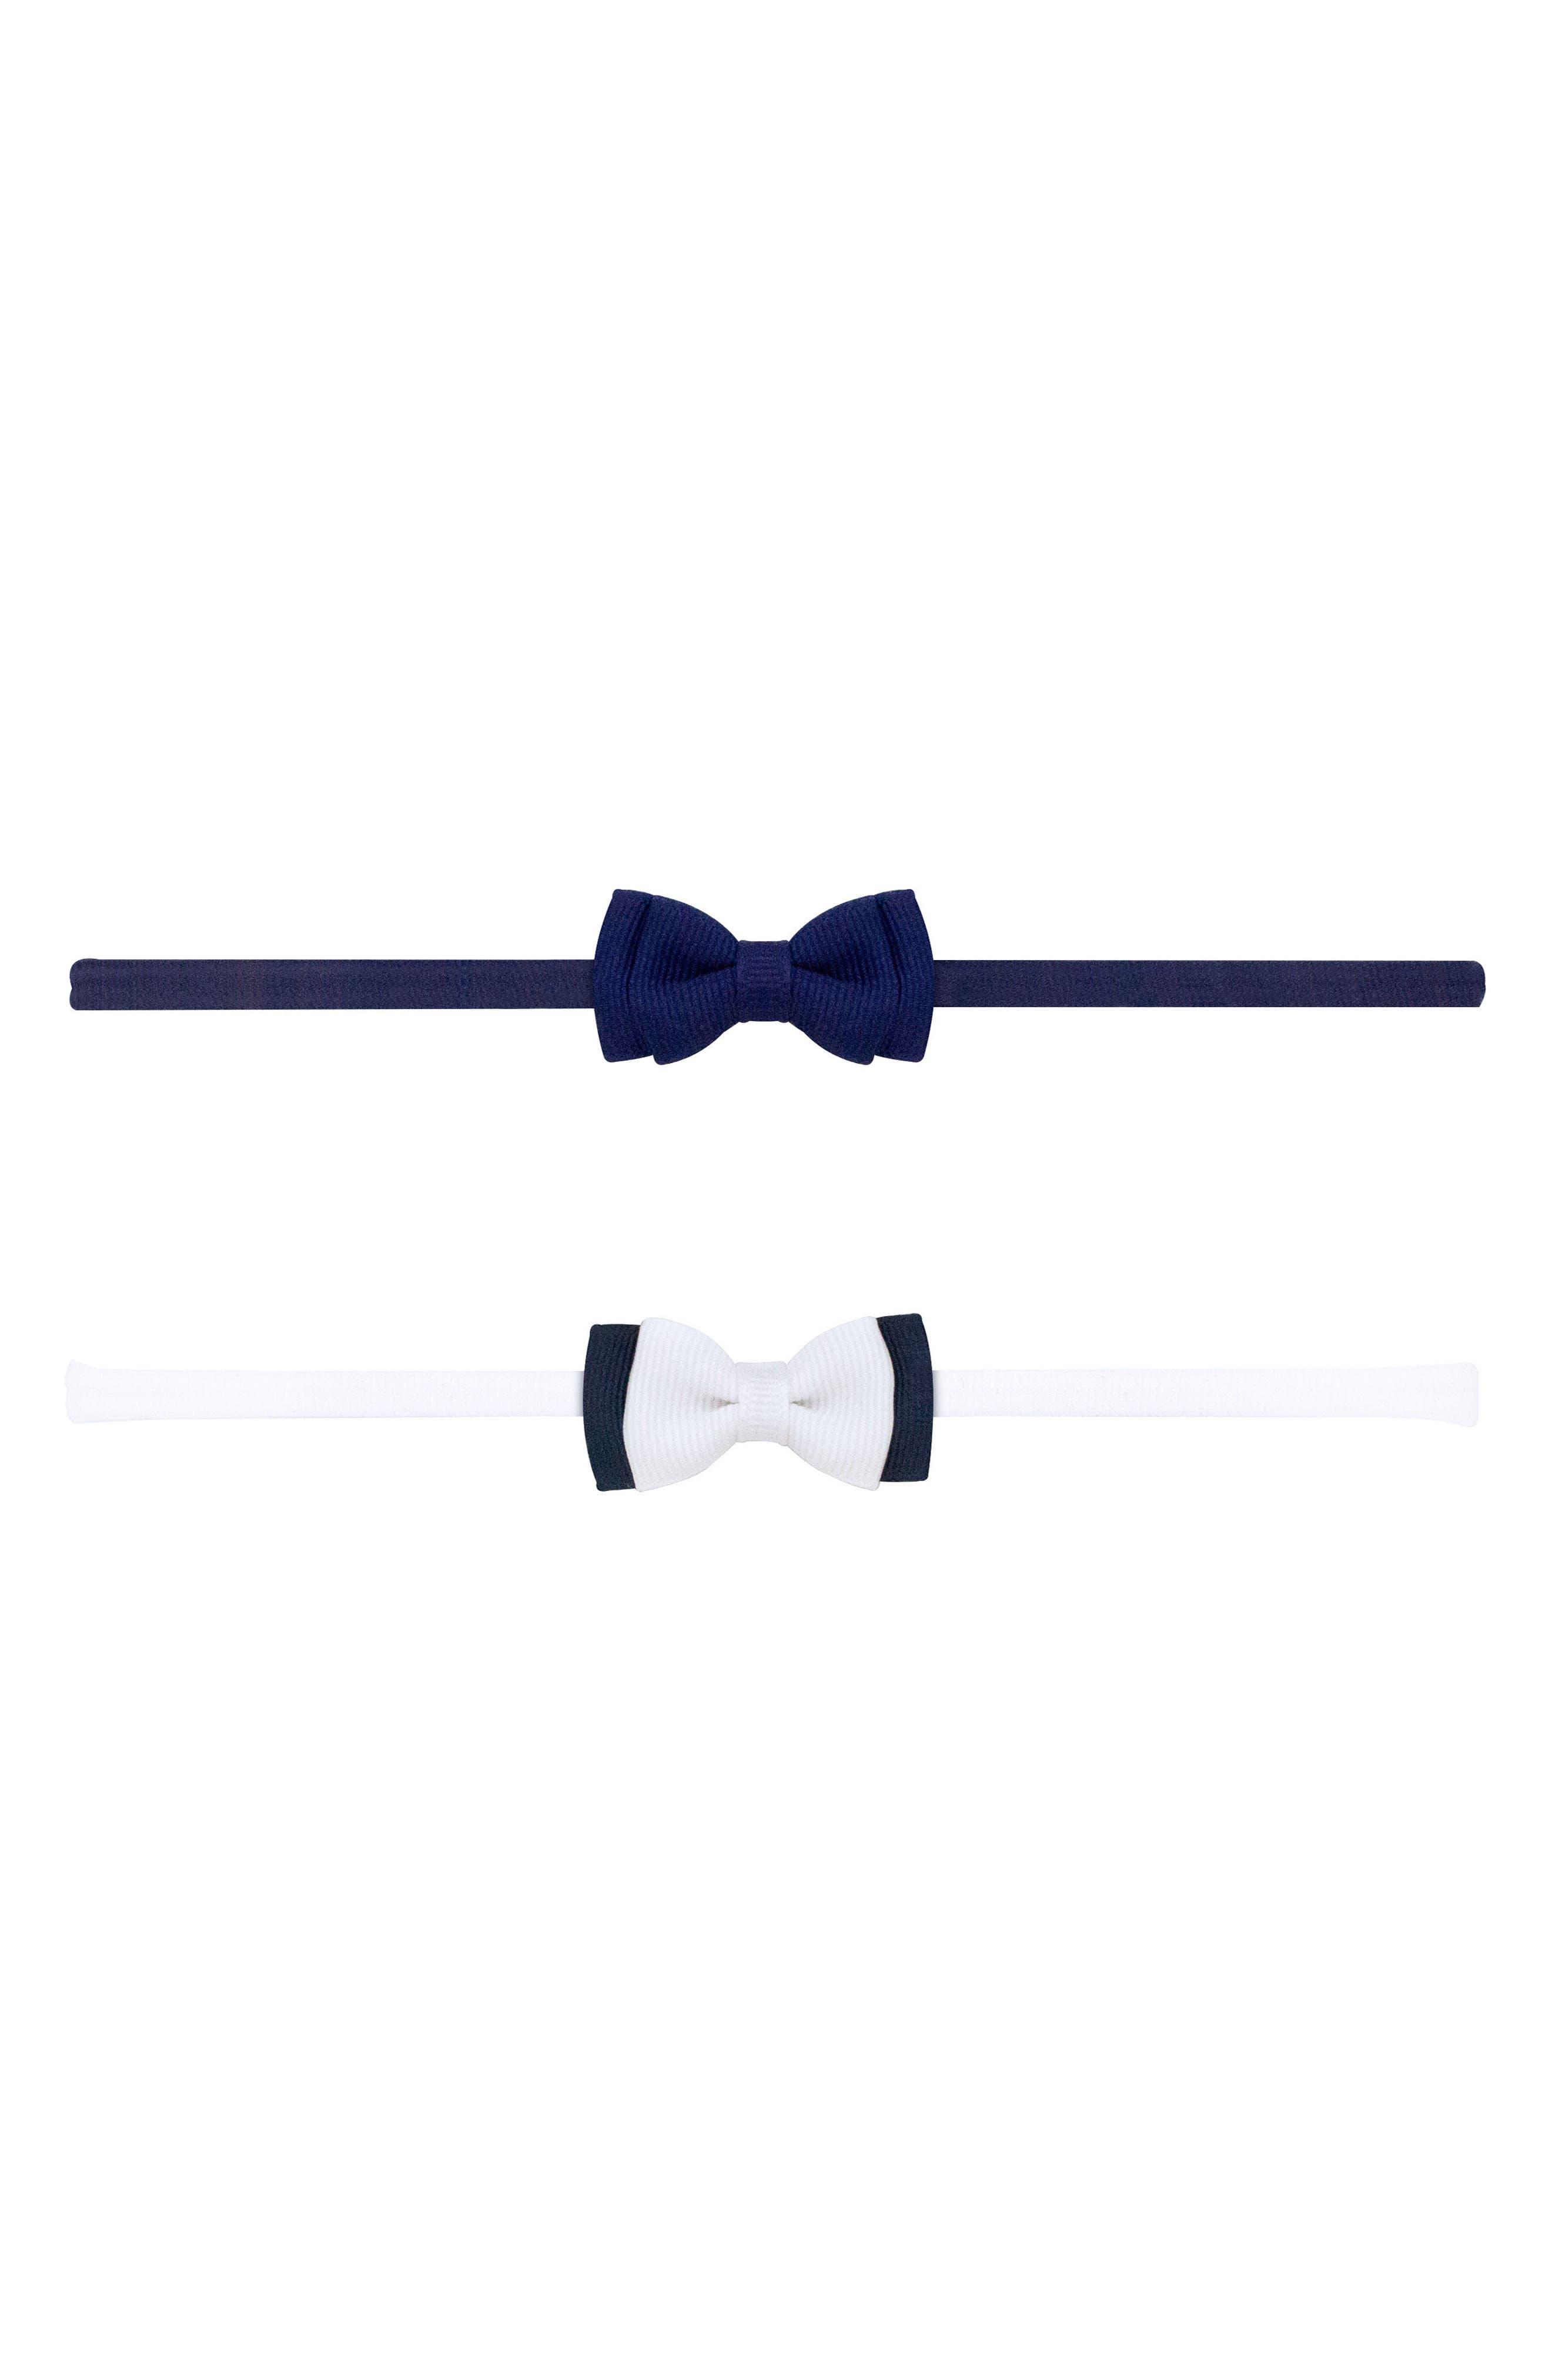 2-Pack Bow Headbands,                             Main thumbnail 1, color,                             Navy